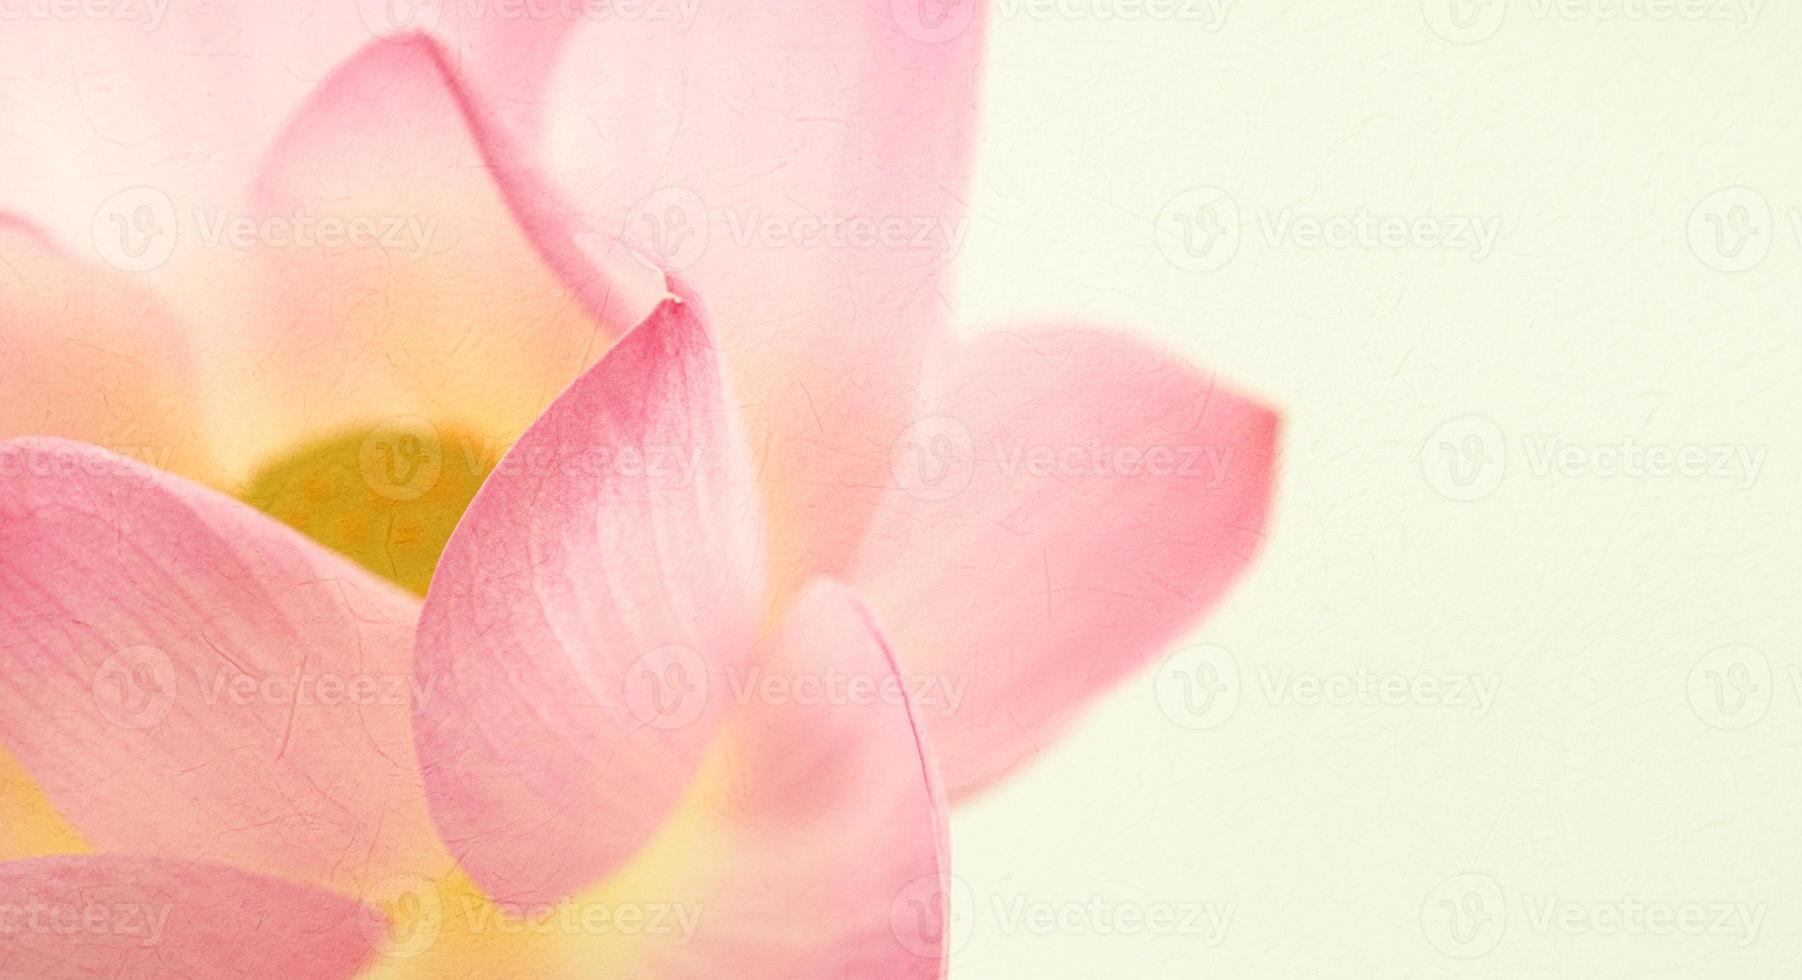 söt färg lotus i mjuk och oskarp stil foto